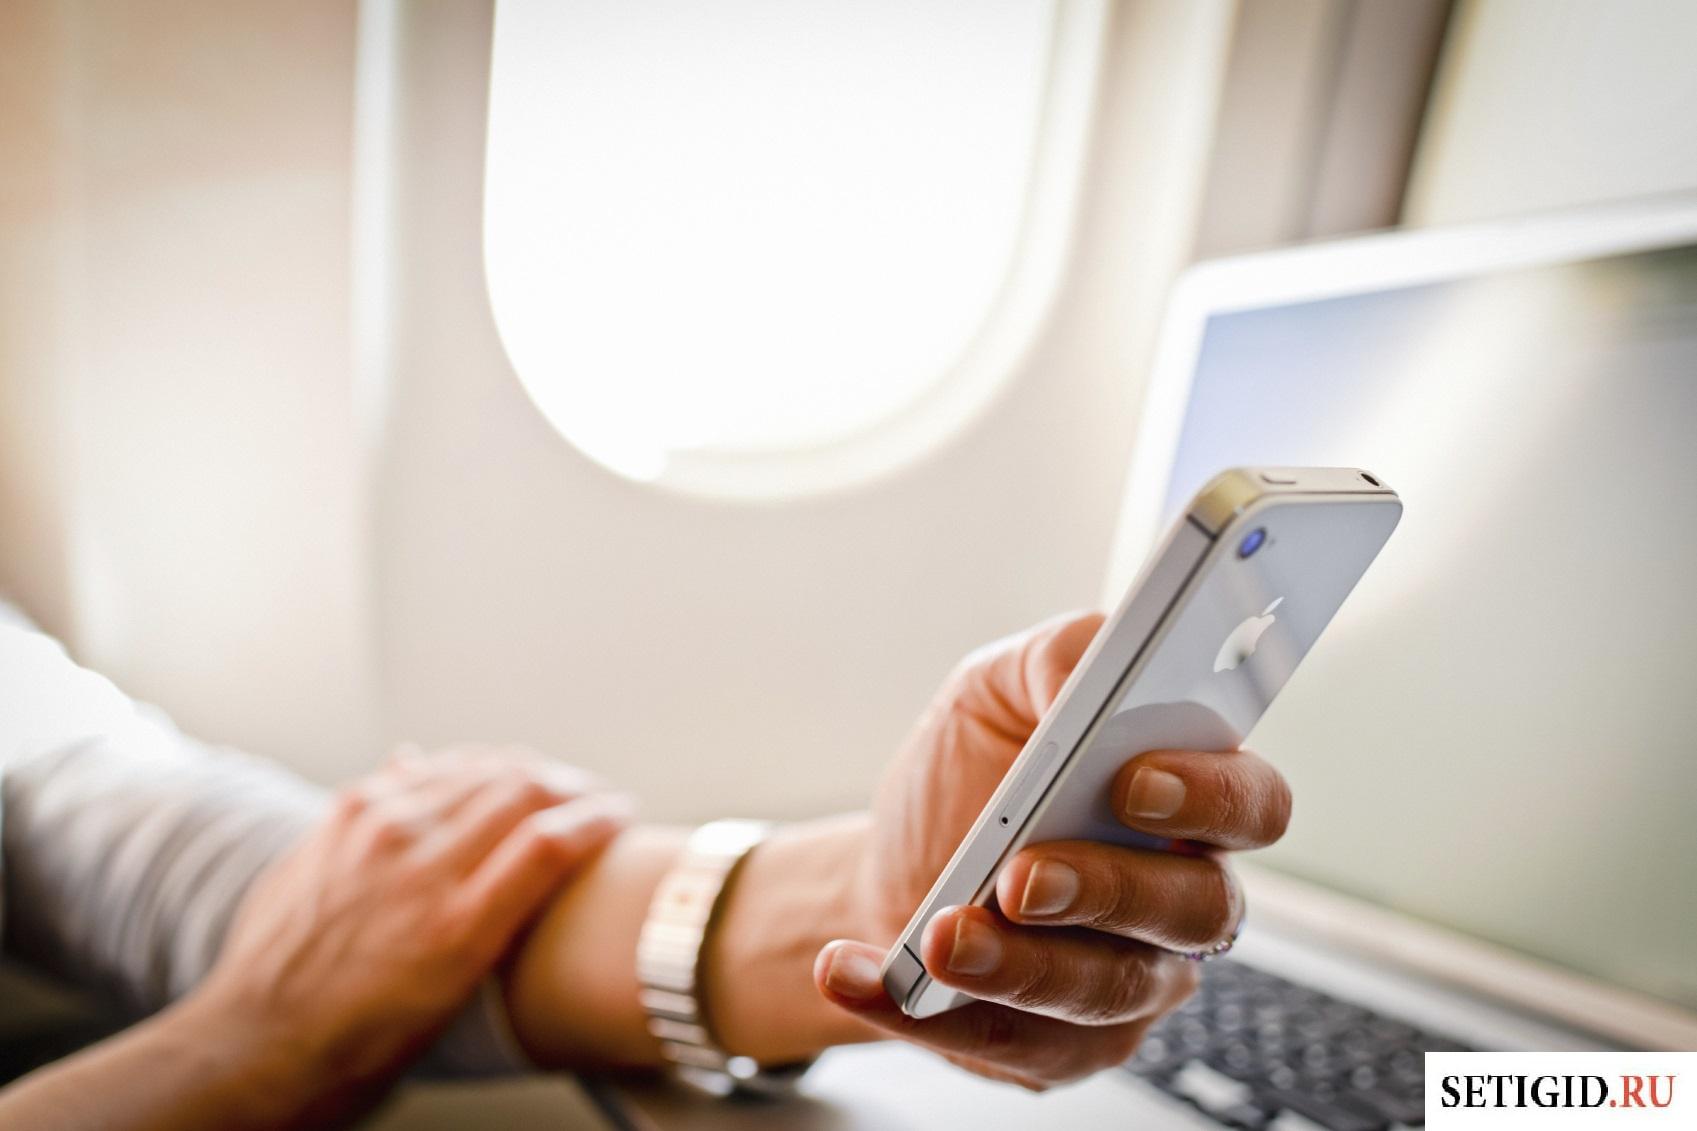 Женщина пользуется сотовым телефоном